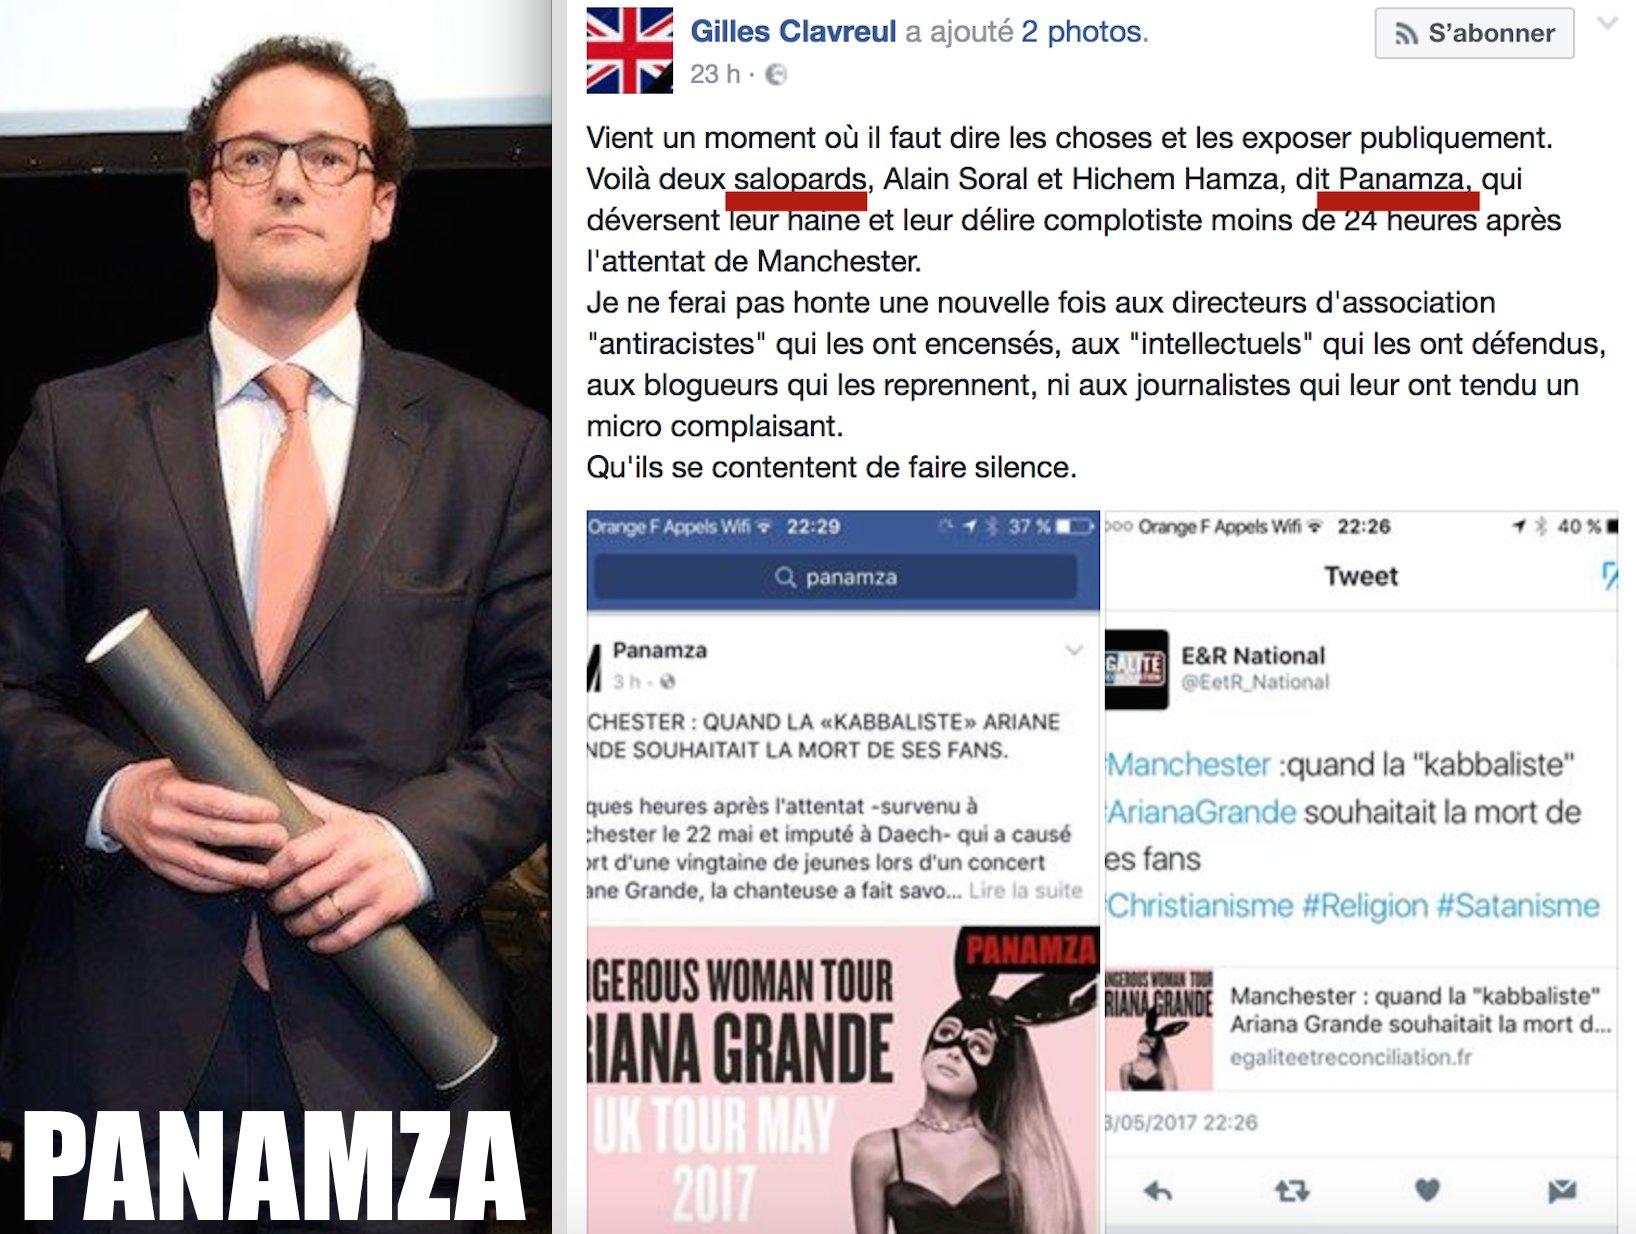 «Salopard» : l'appel à la haine du préfet Clavreul contre Panamza